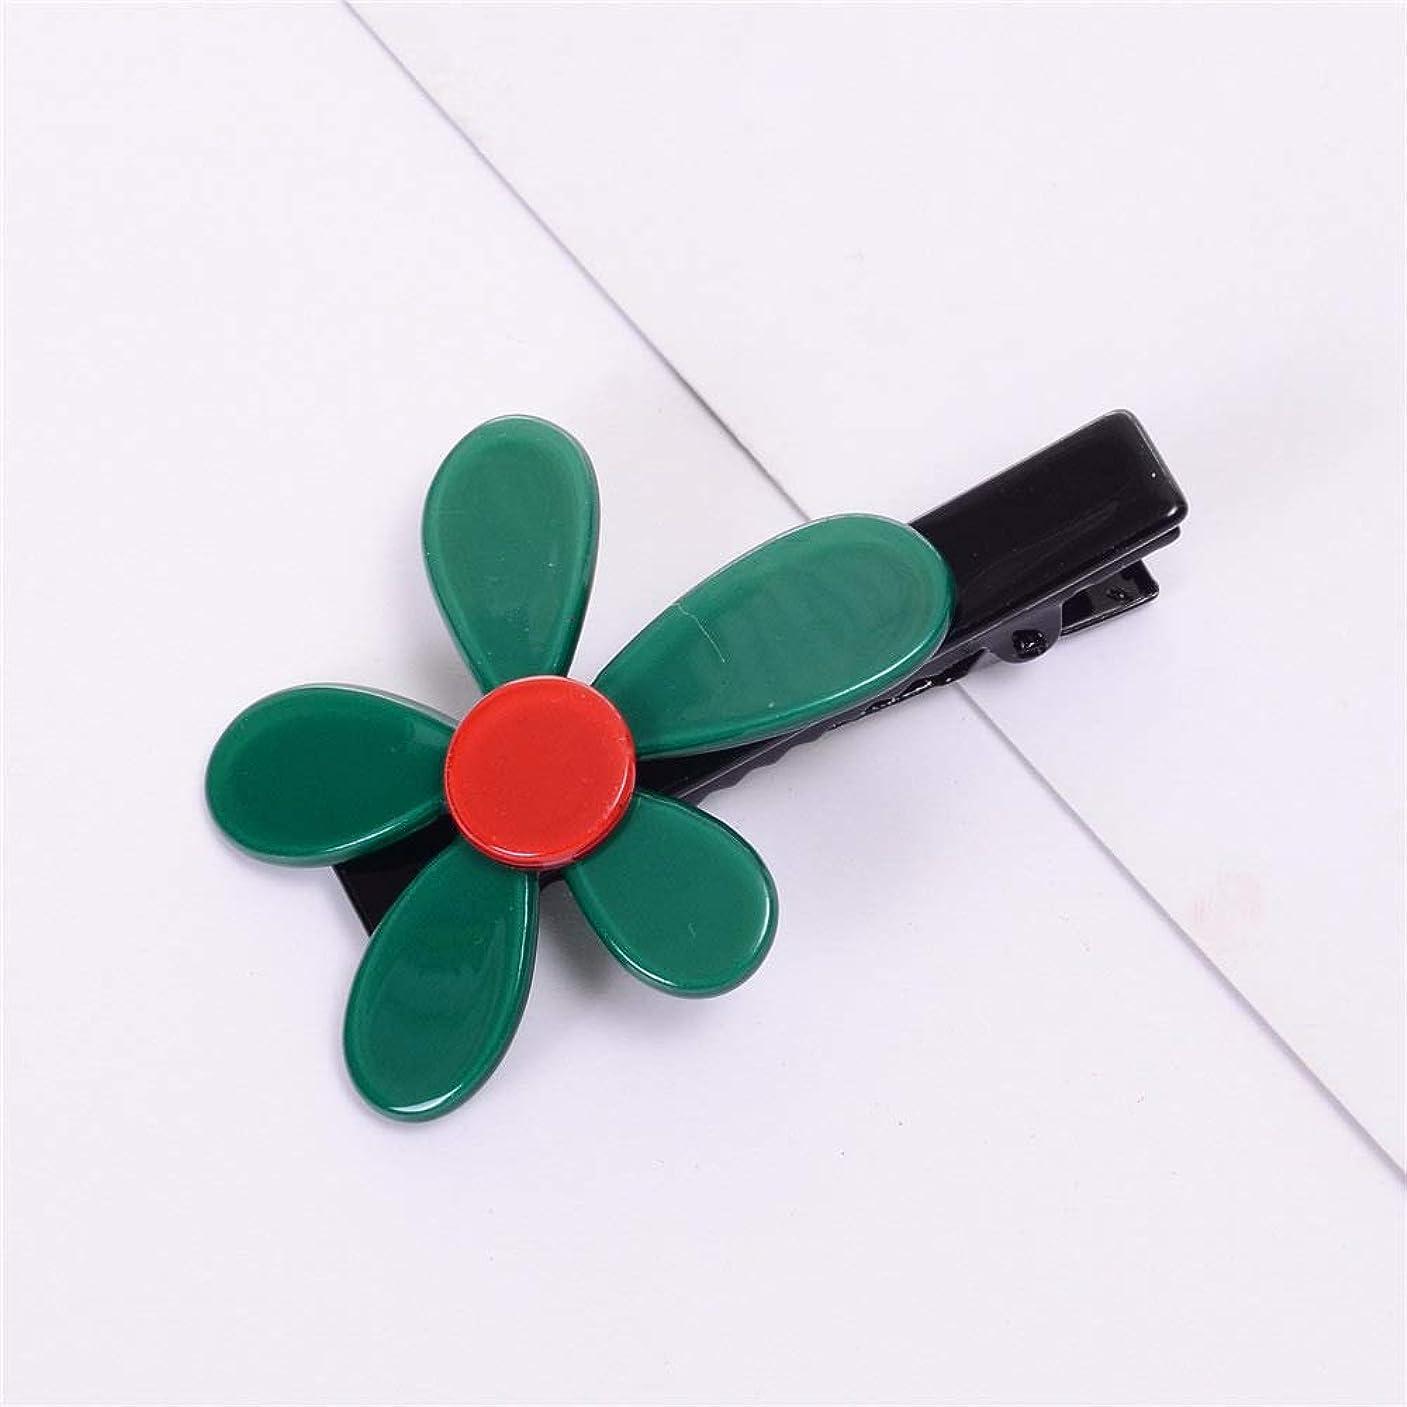 時間とともに慣れる泥沼HuaQingPiJu-JP 1Pcシンプルなエレガントなフラワーヘアクリップファッションアクセサリー(グリーン)